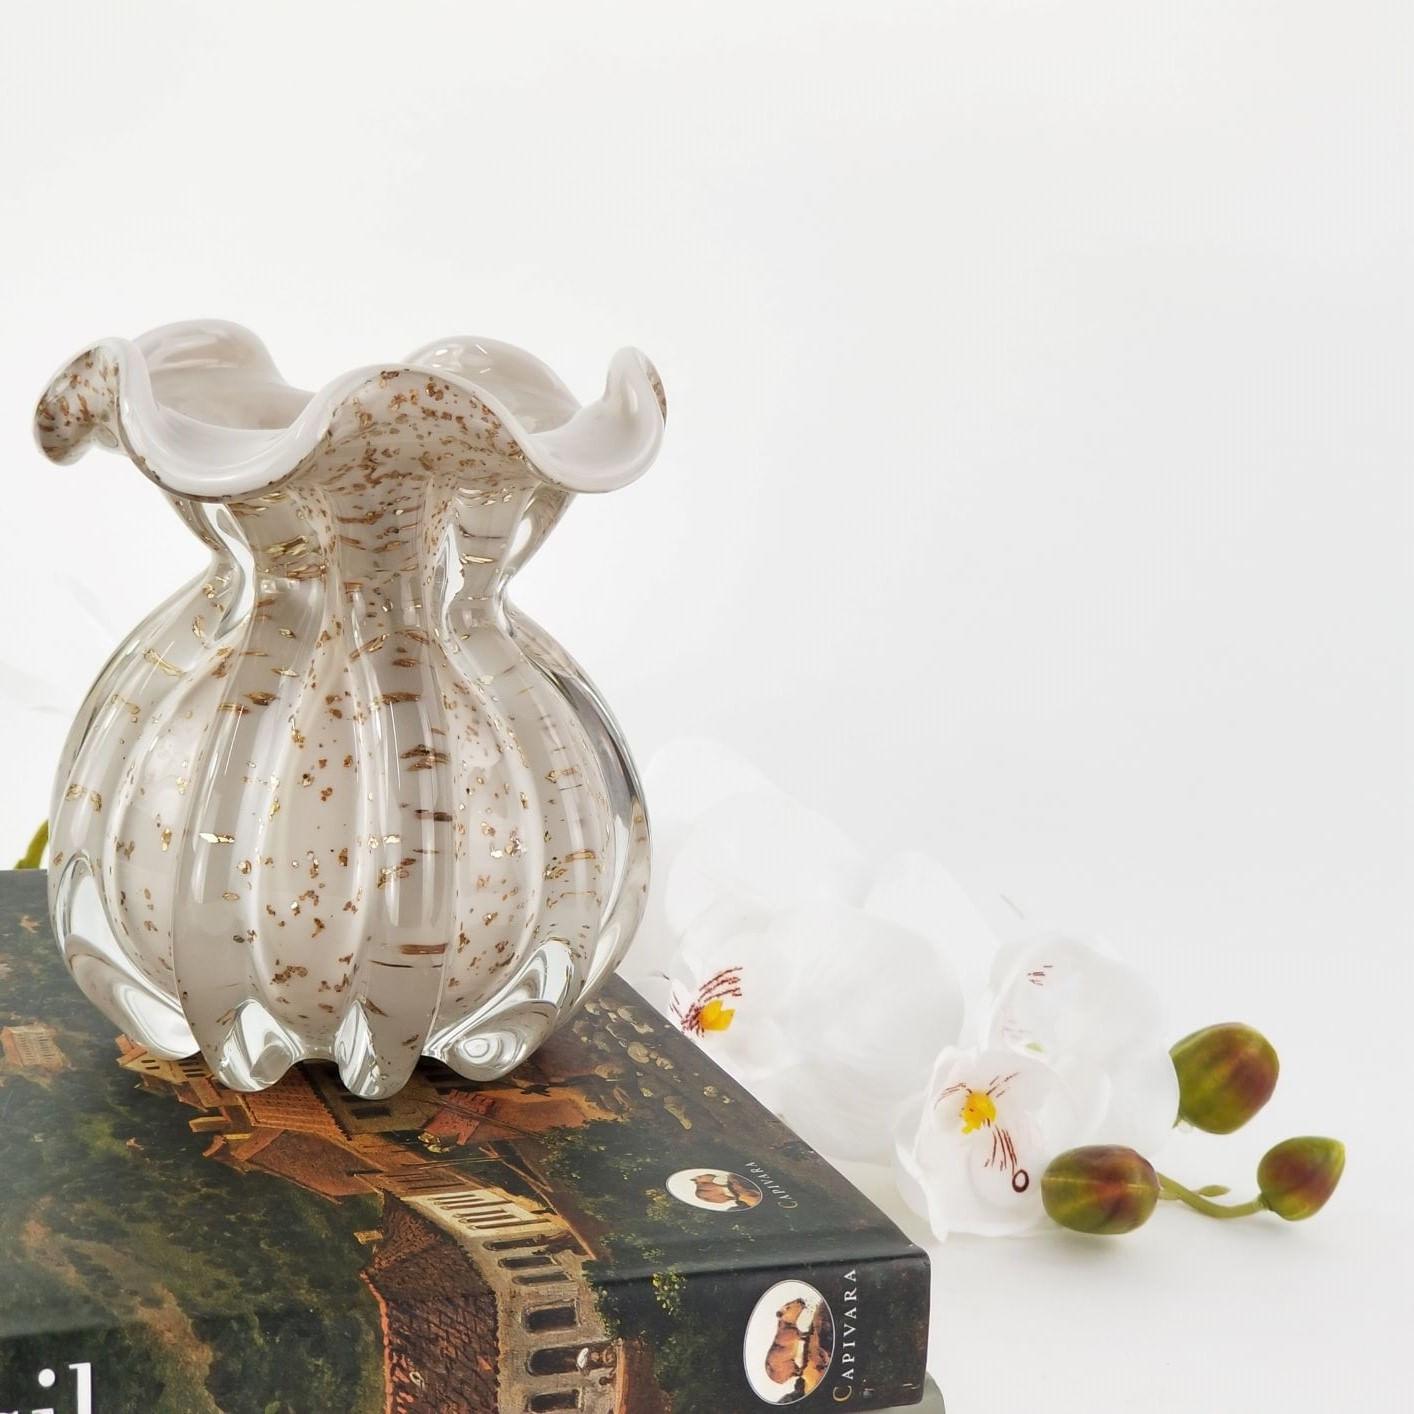 Vaso Trouxinha de Murano - Branco Marfim e Pó Dourado